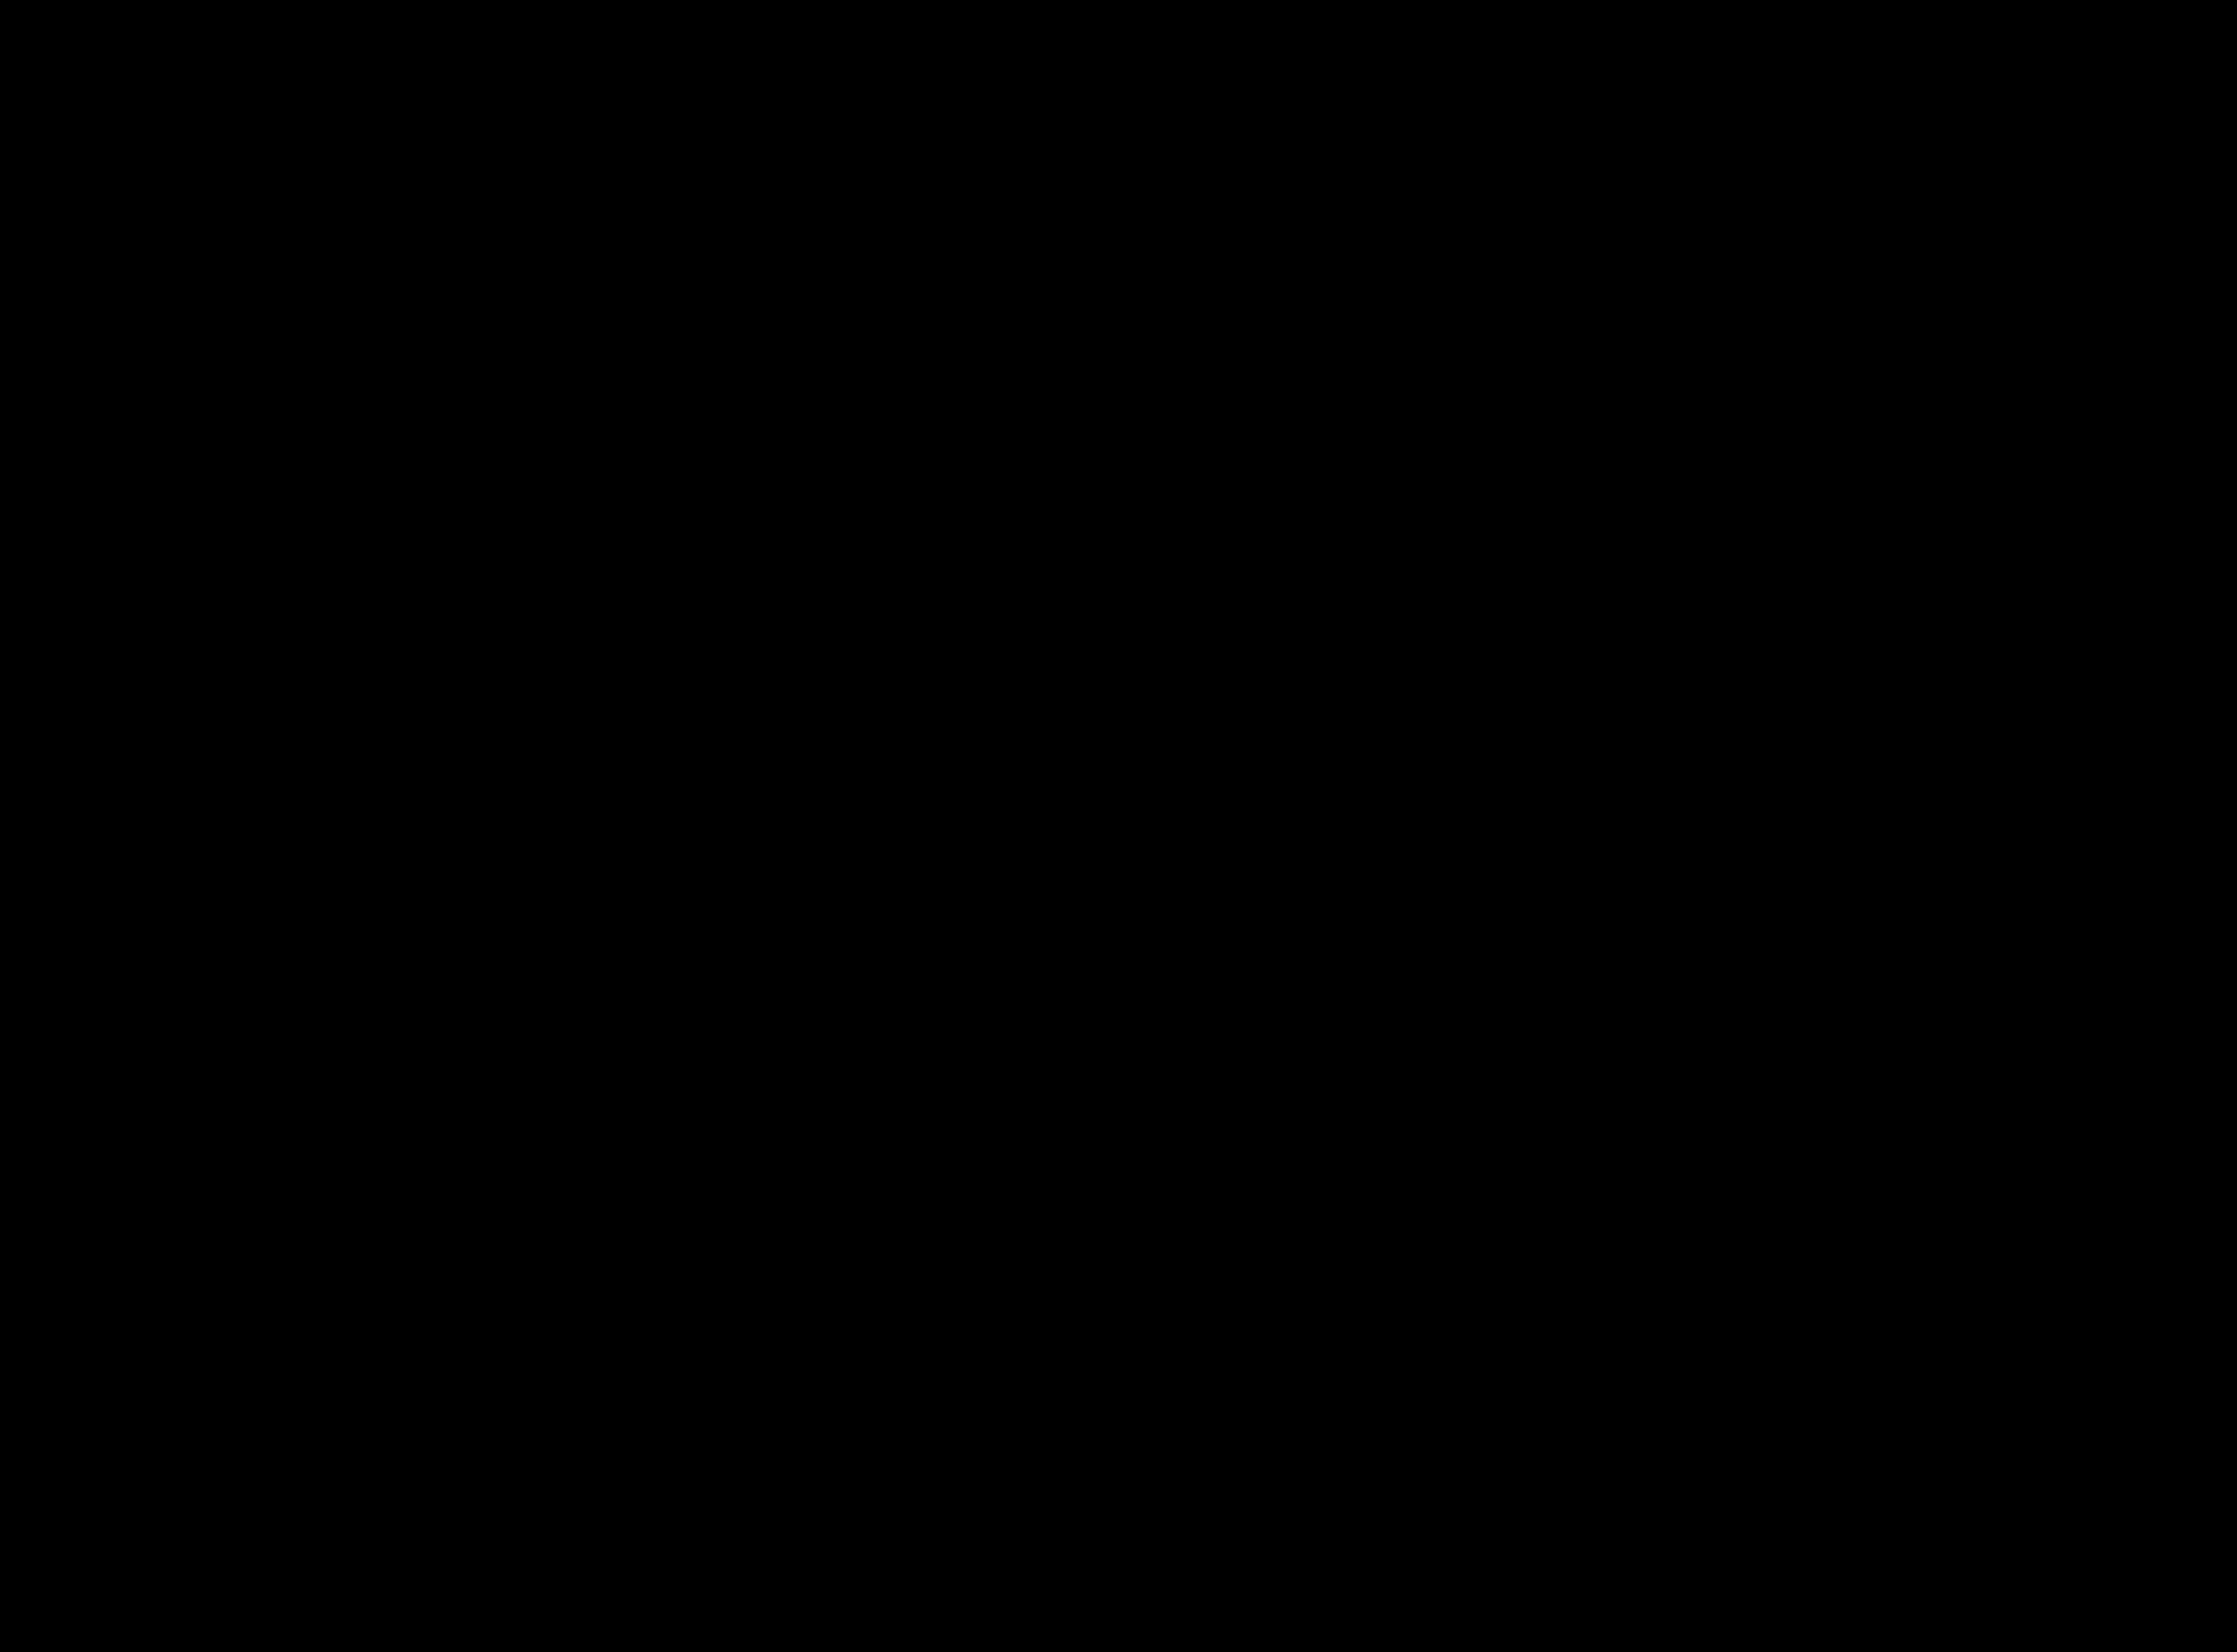 4183x3090 Clip Art Black Airplane Clipart Panda